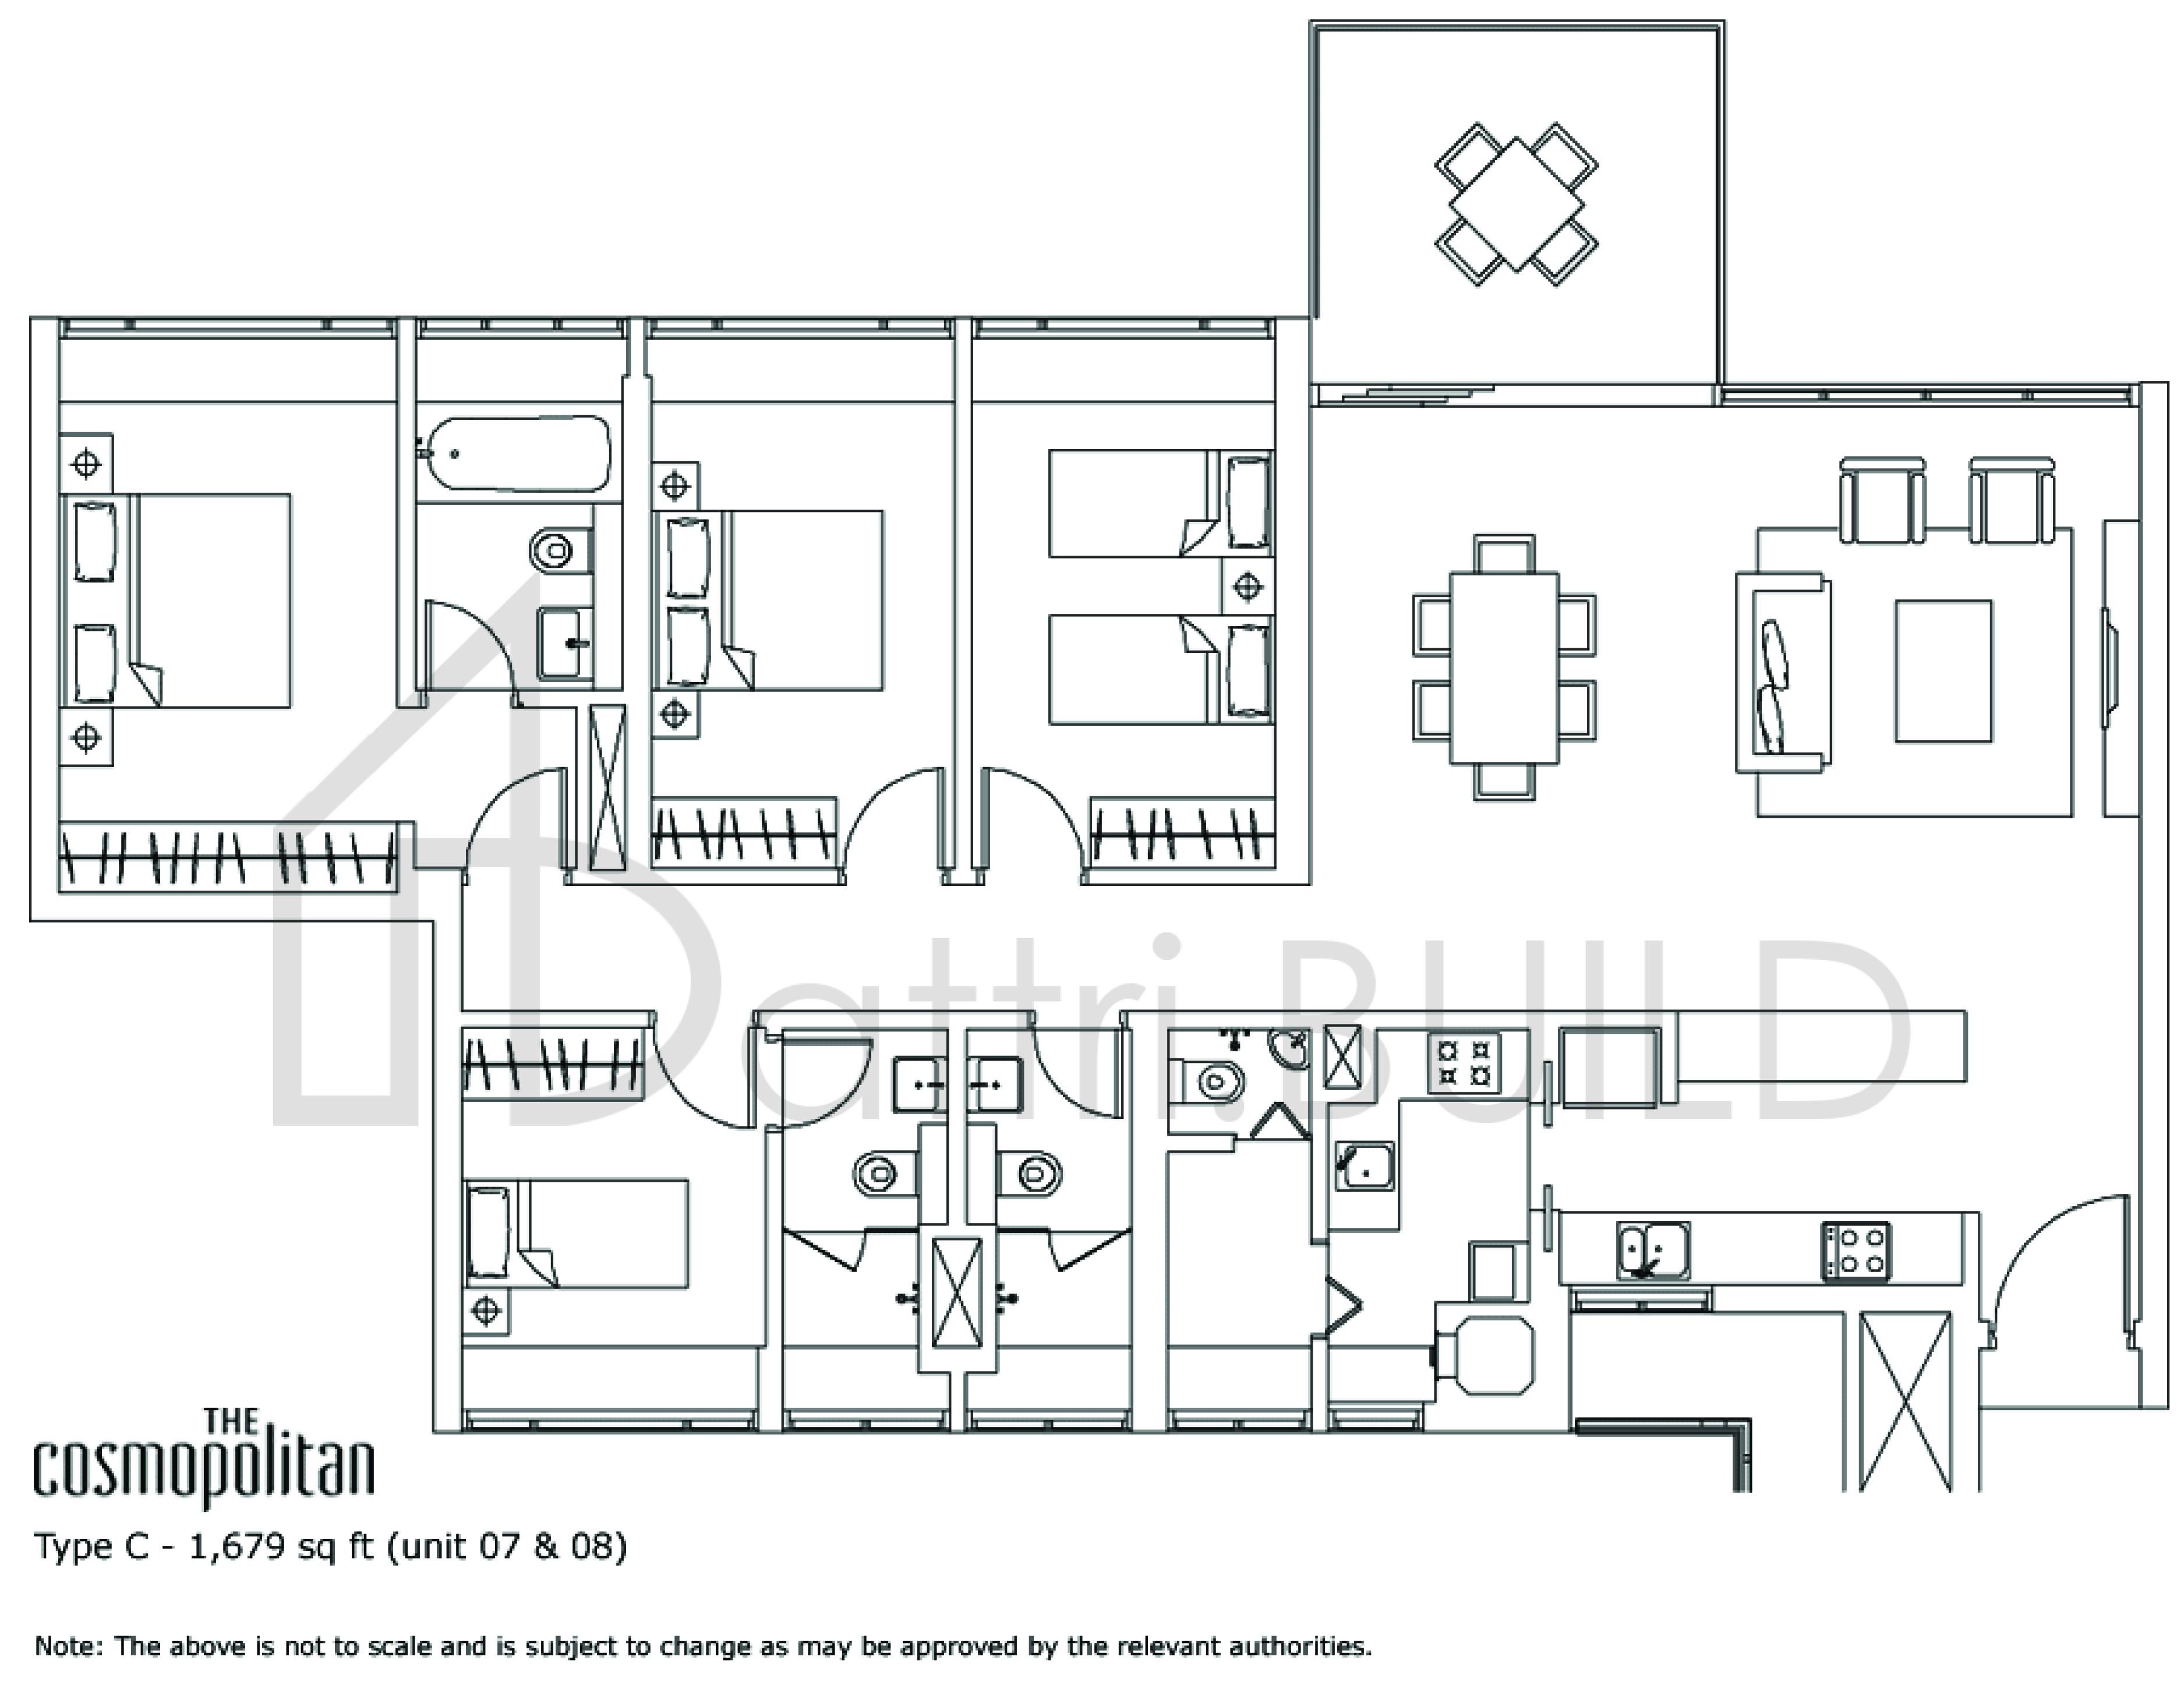 The Cosmopolitan 4 Bedroom Type C